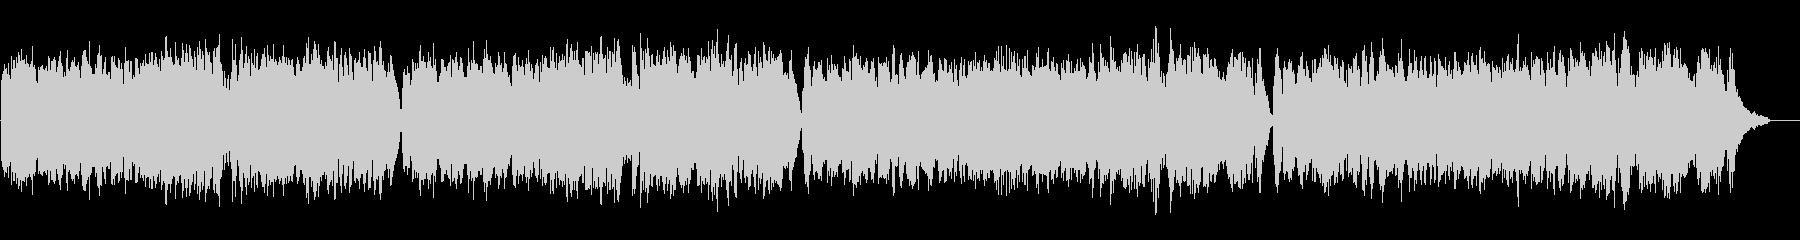 軽快で繊細なチェンバロ バロック・高音質の未再生の波形